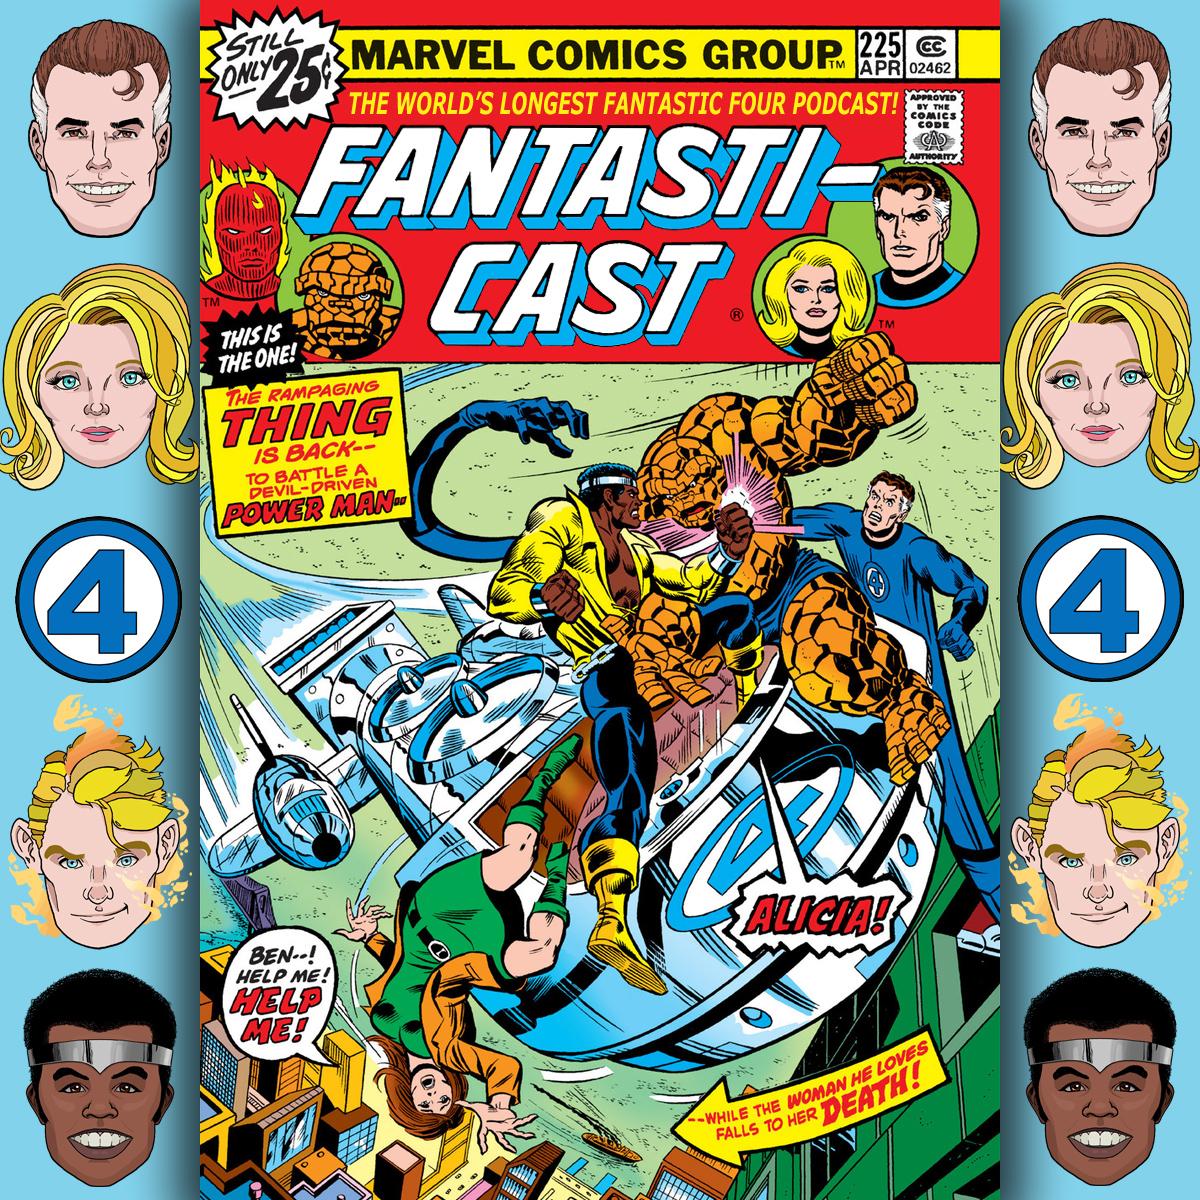 The Fantasticast Episode 225